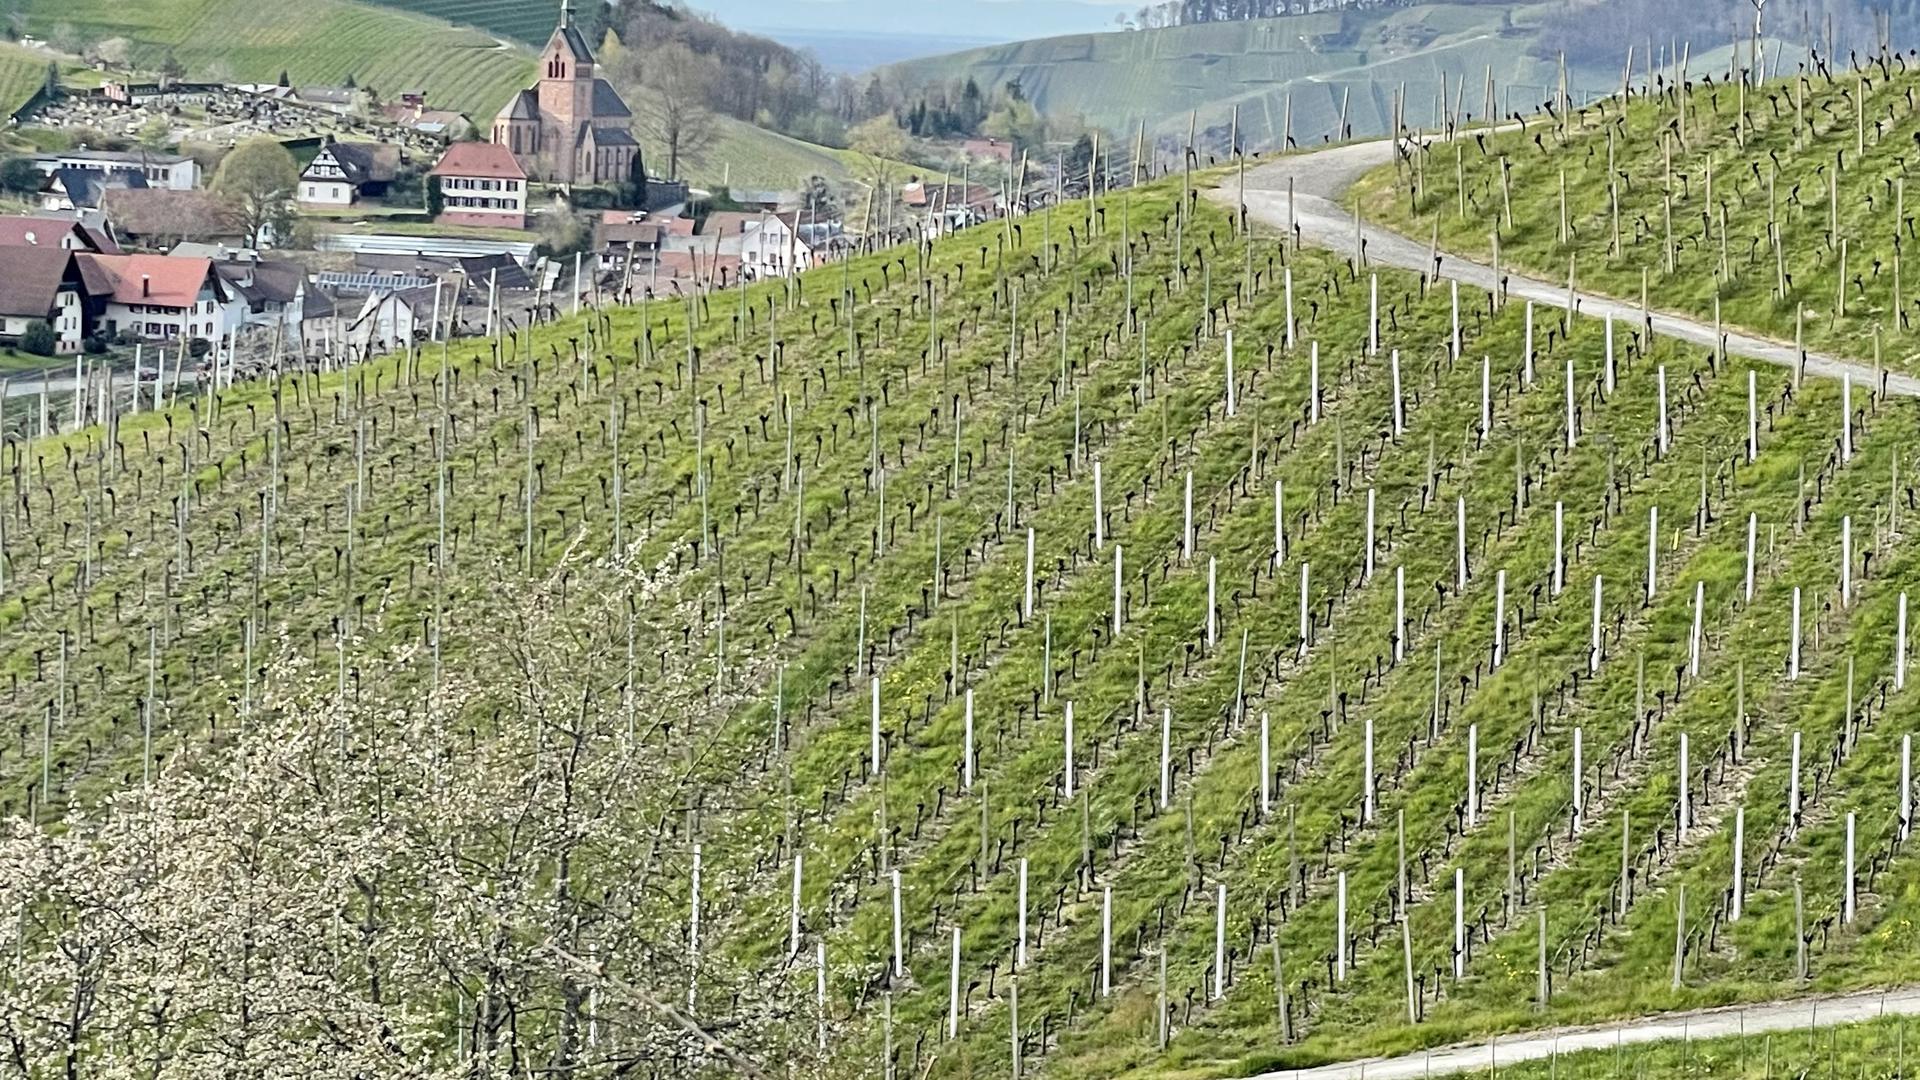 Obst/Weinbau bei Kappelrodeck-Waldulm